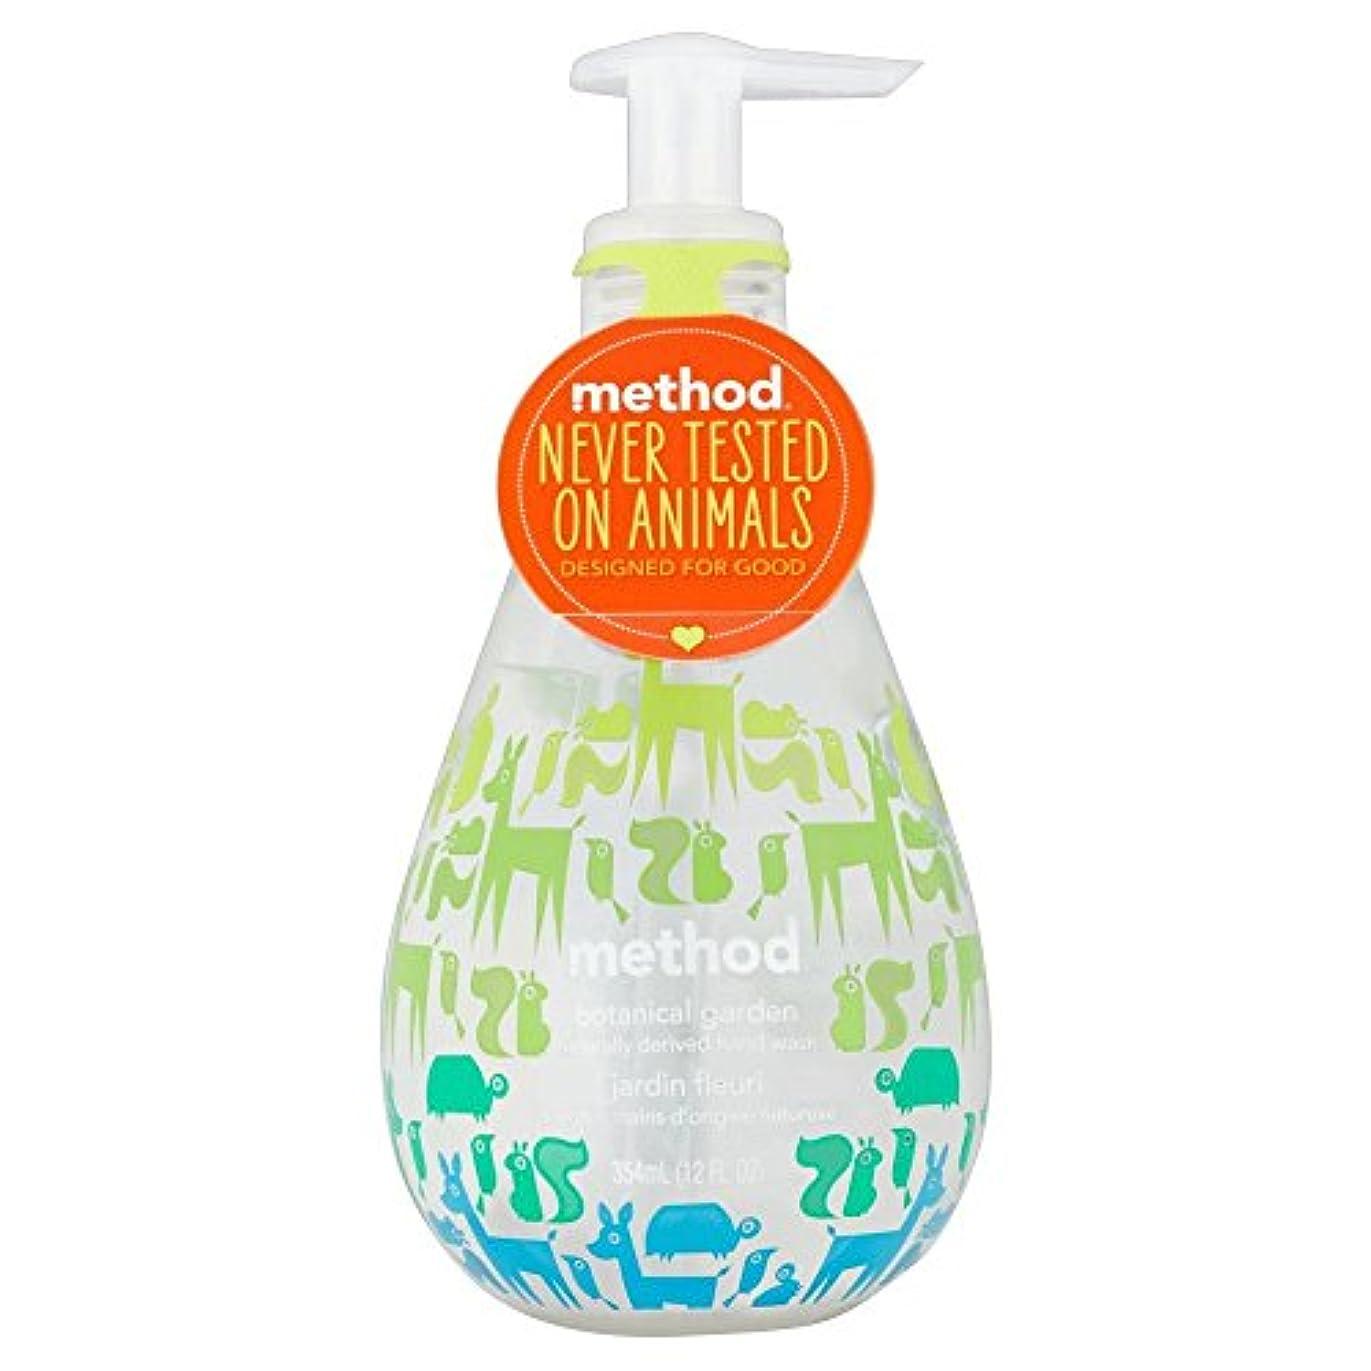 金銭的な偶然抑制Method Hand Wash - Botanical Garden (354ml) メソッドハンドウォッシュ - 植物園( 354ミリリットル) [並行輸入品]